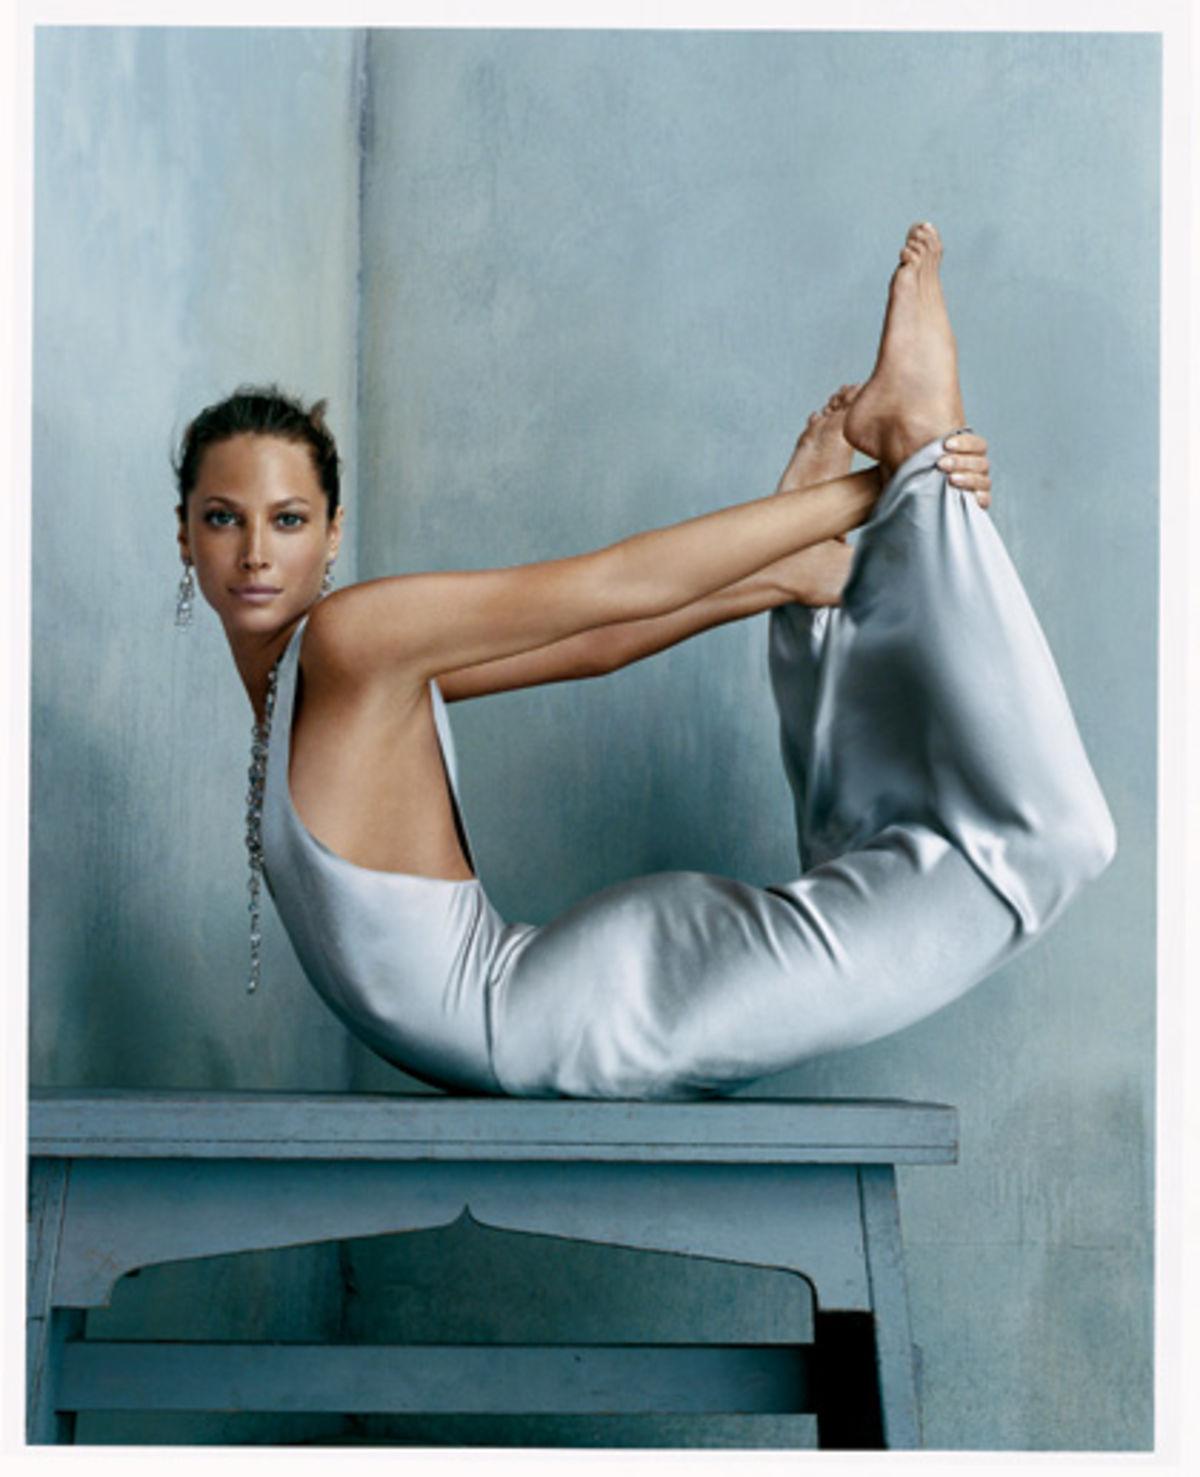 Christy Turlington Beauty And Balance Psychology Today